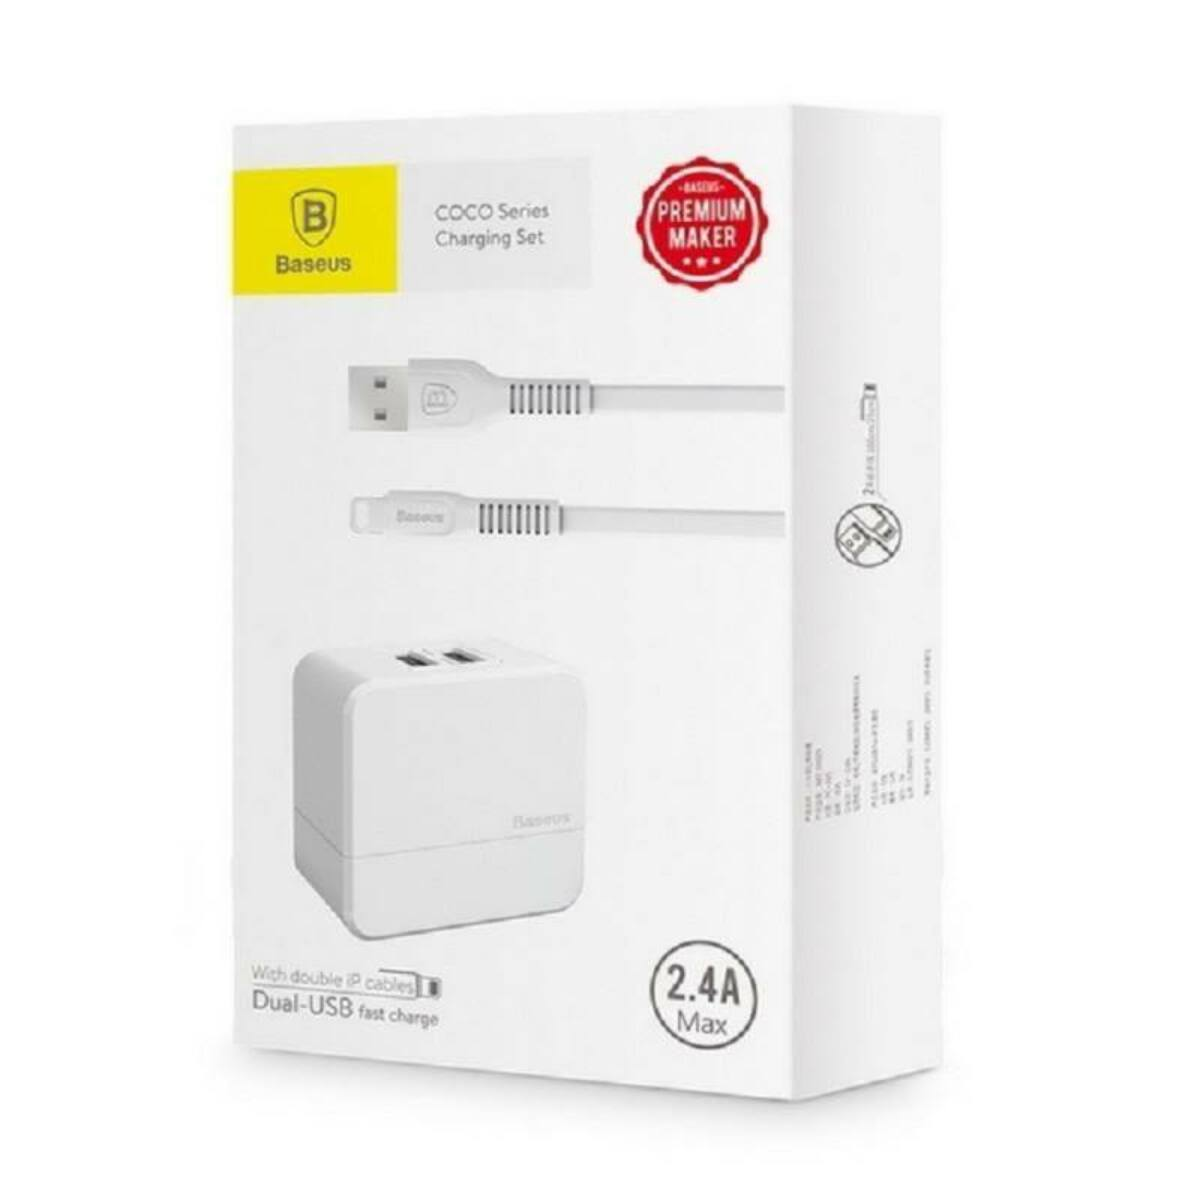 Baseus hálózati töltő, COCO dupla USB + 2db Lightning kábel, a csomagban, 2.4A, fehér (TZCOCO-02)